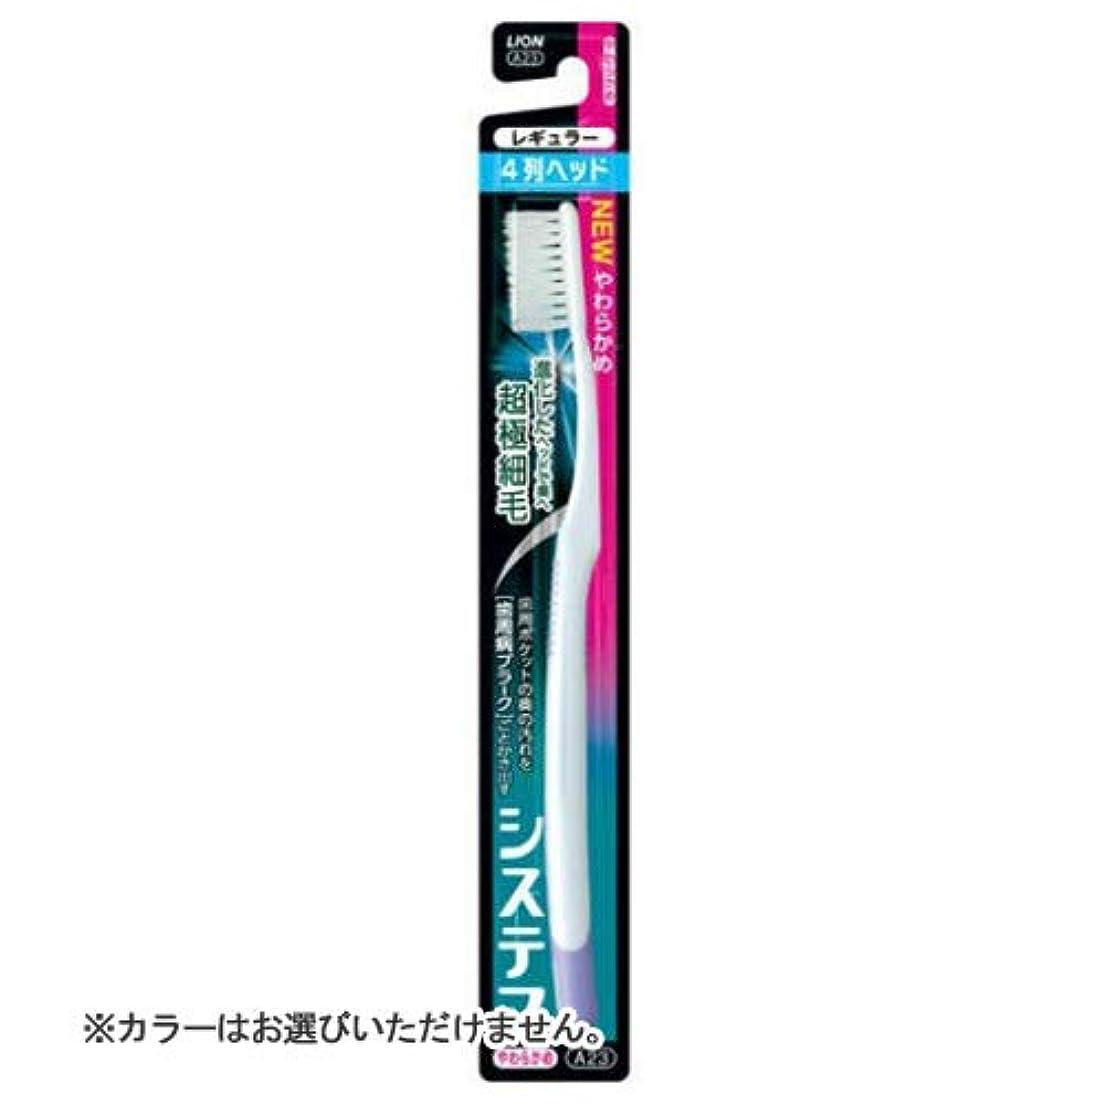 秘密の新しさ非難ライオン システマ ハブラシ レギュラー4列 やわらかめ (1本) 大人用 歯ブラシ